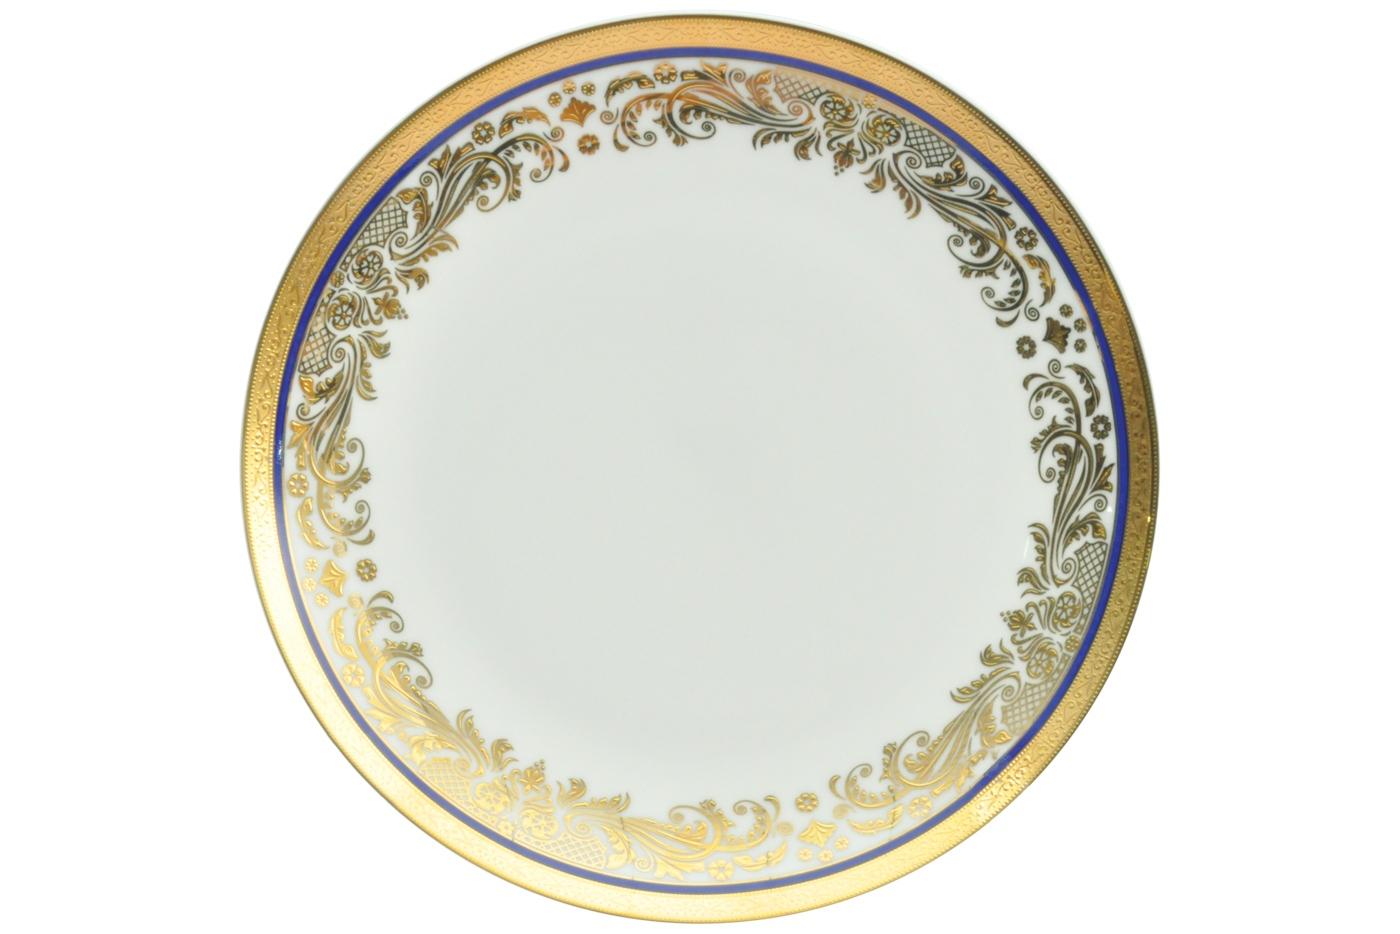 Набор из 6 тарелок Royal Aurel Элит (20см) арт.521Наборы тарелок<br>Набор из 6 тарелок Royal Aurel Элит (20см) арт.521<br>Производить посуду из фарфора начали в Китае на стыке 6-7 веков. Неустанно совершенствуя и селективно отбирая сырье для производства посуды из фарфора, мастерам удалось добиться выдающихся характеристик фарфора: белизны и тонкостенности. В XV веке появился особый интерес к китайской фарфоровой посуде, так как в это время Европе возникла мода на самобытные китайские вещи. Роскошный китайский фарфор являлся изыском и был в новинку, поэтому он выступал в качестве подарка королям, а также знатным людям. Такой дорогой подарок был очень престижен и по праву являлся элитной посудой. Как известно из многочисленных исторических документов, в Европе китайские изделия из фарфора ценились практически как золото. <br>Проверка изделий из костяного фарфора на подлинность <br>По сравнению с производством других видов фарфора процесс производства изделий из настоящего костяного фарфора сложен и весьма длителен. Посуда из изящного фарфора - это элитная посуда, которая всегда ассоциируется с богатством, величием и благородством. Несмотря на небольшую толщину, фарфоровая посуда - это очень прочное изделие. Для демонстрации плотности и прочности фарфора можно легко коснуться предметов посуды из фарфора деревянной палочкой, и тогда мы услушим характерный металлический звон. В составе фарфоровой посуды присутствует костяная зола, благодаря чему она может быть намного тоньше (не более 2,5 мм) и легче твердого или мягкого фарфора. Безупречная белизна - ключевой признак отличия такого фарфора от других. Цвет обычного фарфора сероватый или ближе к голубоватому, а костяной фарфор будет всегда будет молочно-белого цвета. Характерная и немаловажная деталь - это невесомая прозрачность изделий из фарфора такая, что сквозь него проходит свет.<br>